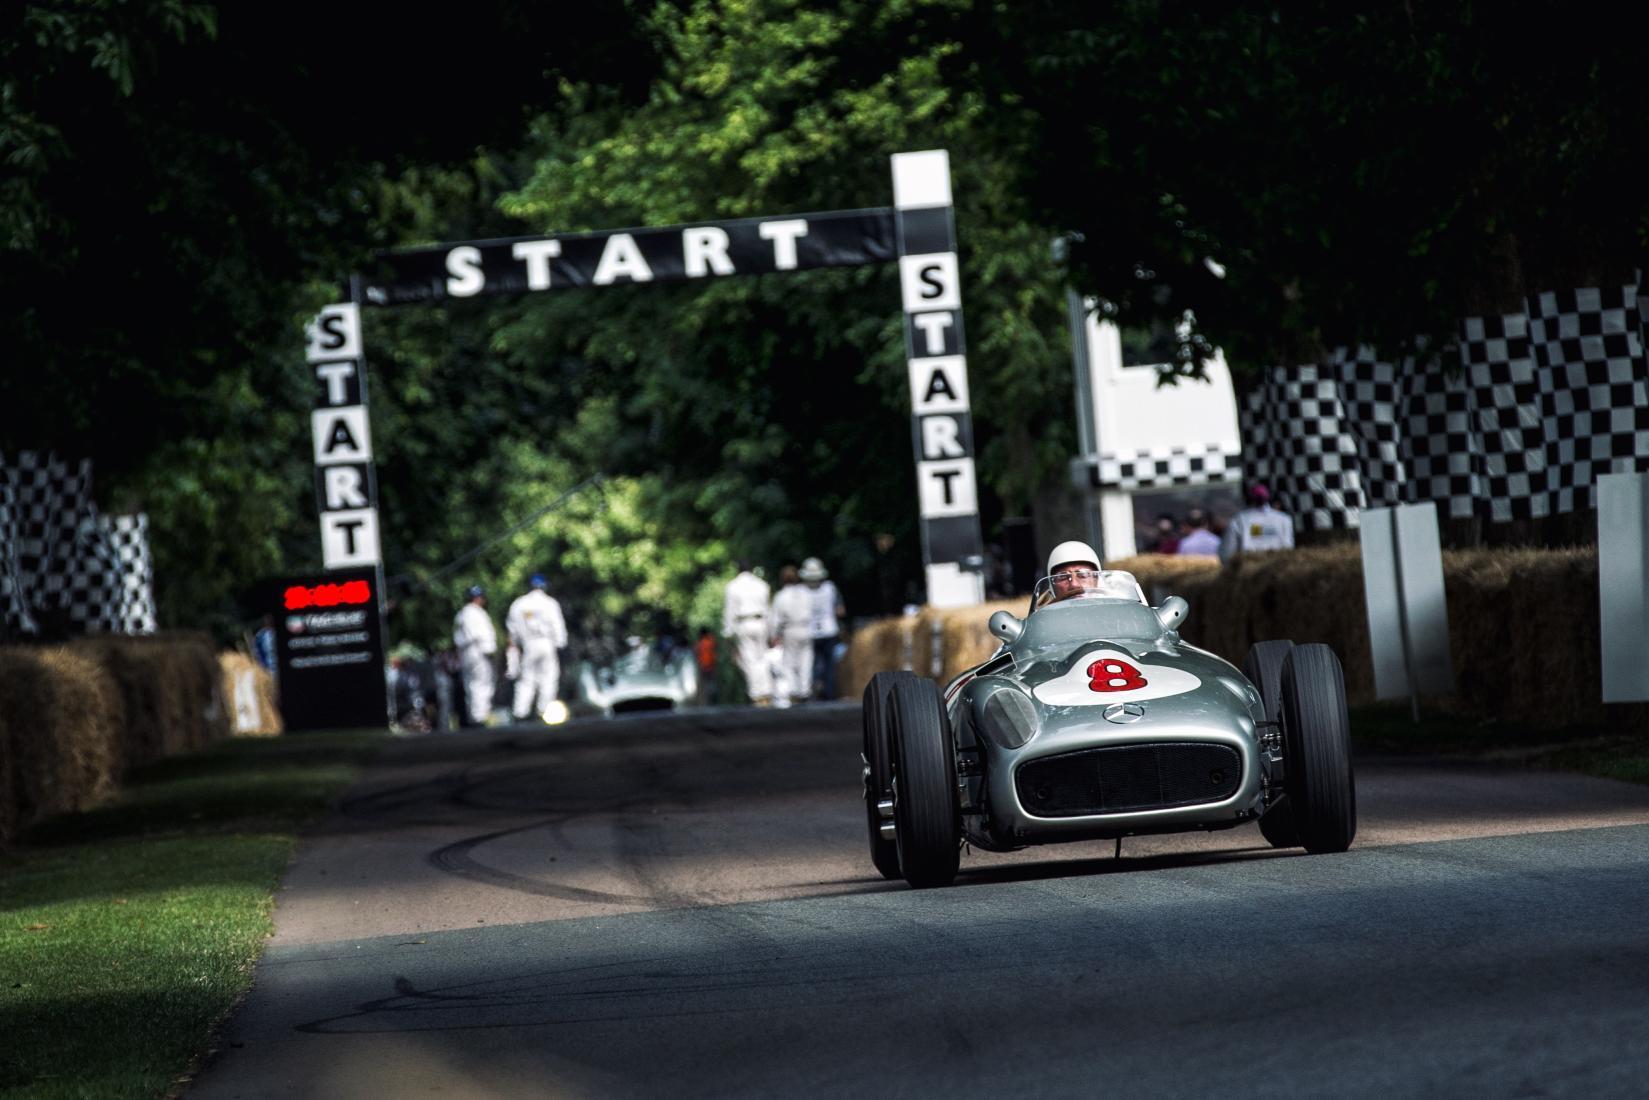 Goodwood Mercedes F1